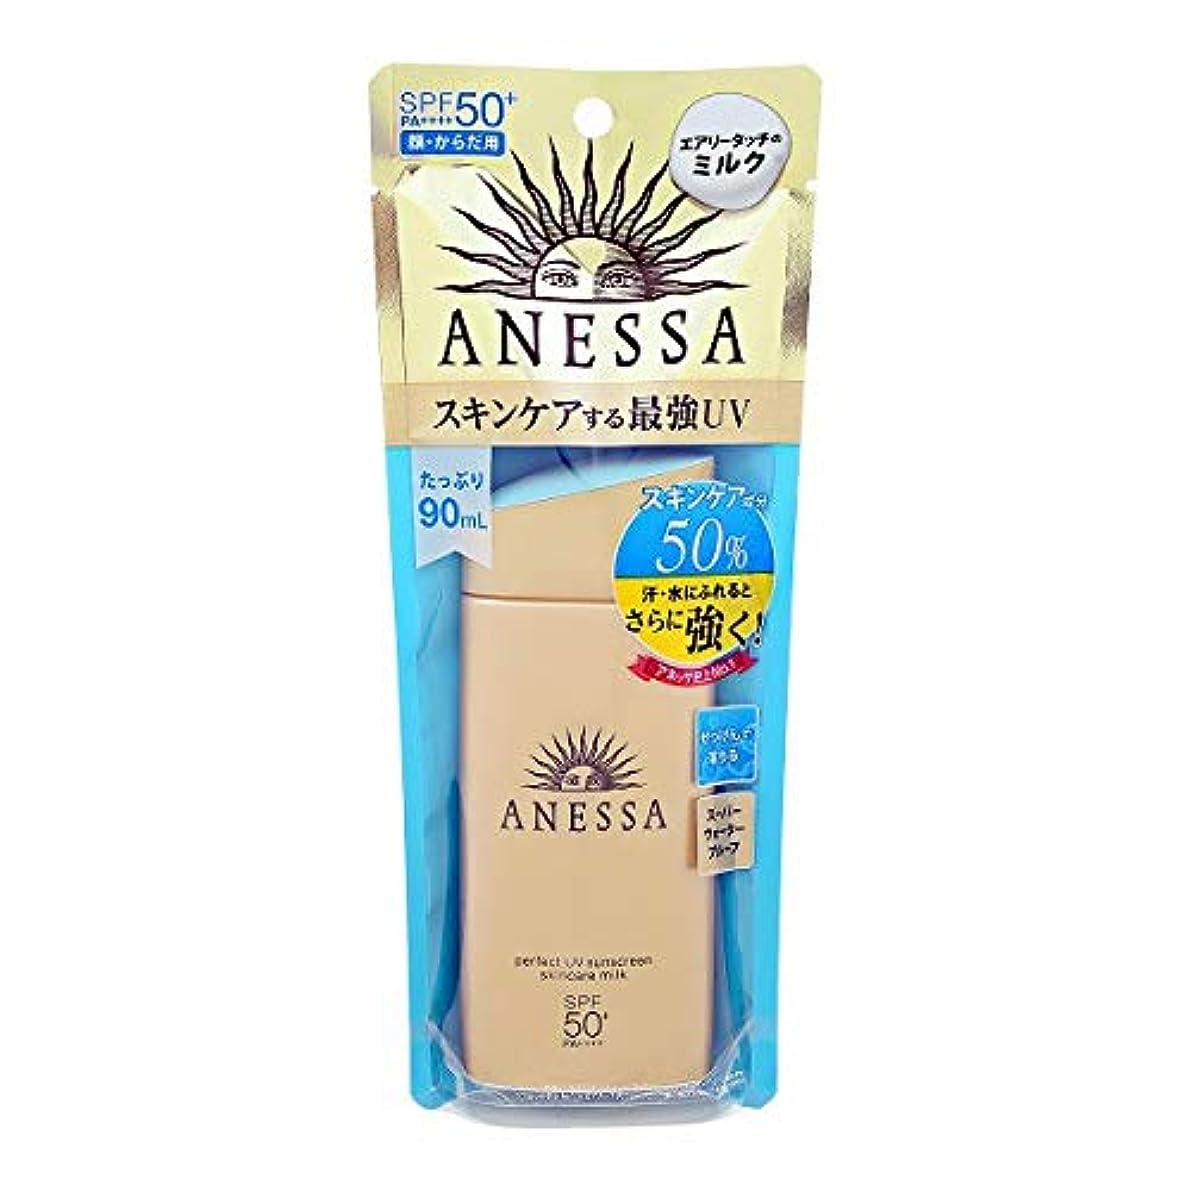 避難する区別区別アネッサ(ANESSA) パーフェクトUV スキンケアミルク 90mL [ 日焼け止め ] [並行輸入品]